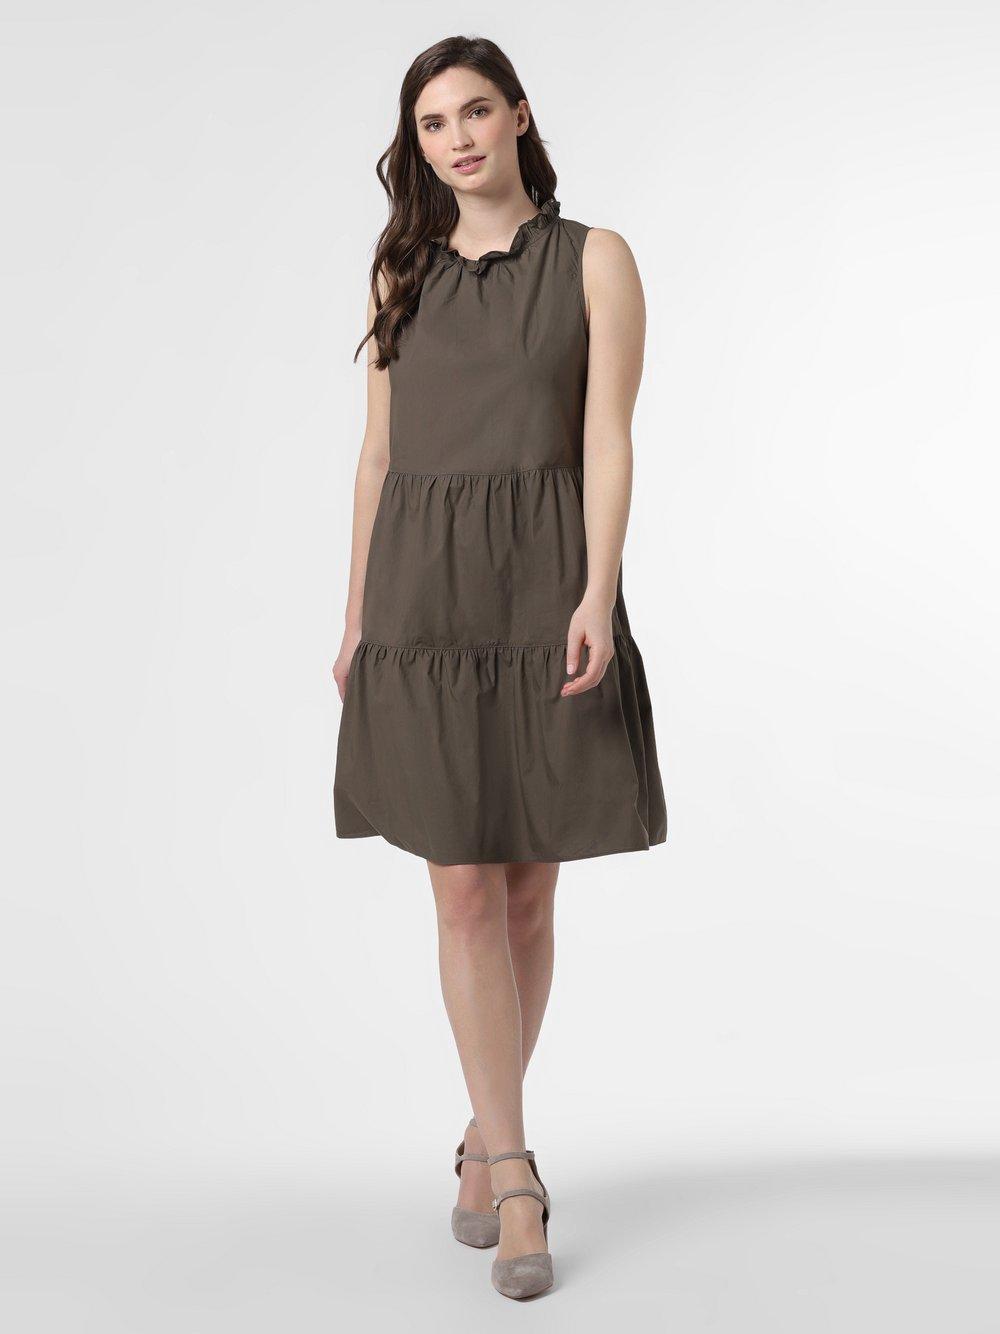 0039 Italy – Sukienka damska, zielony Van Graaf 464299-0002-09940